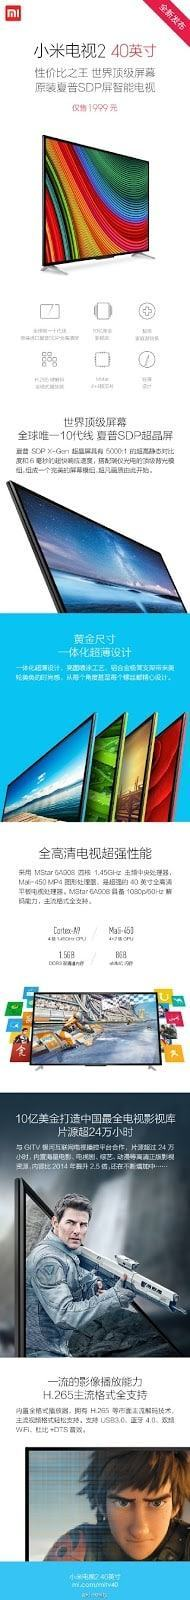 MI TV 2 - Xiaomi MI Tv 2 Launched In China